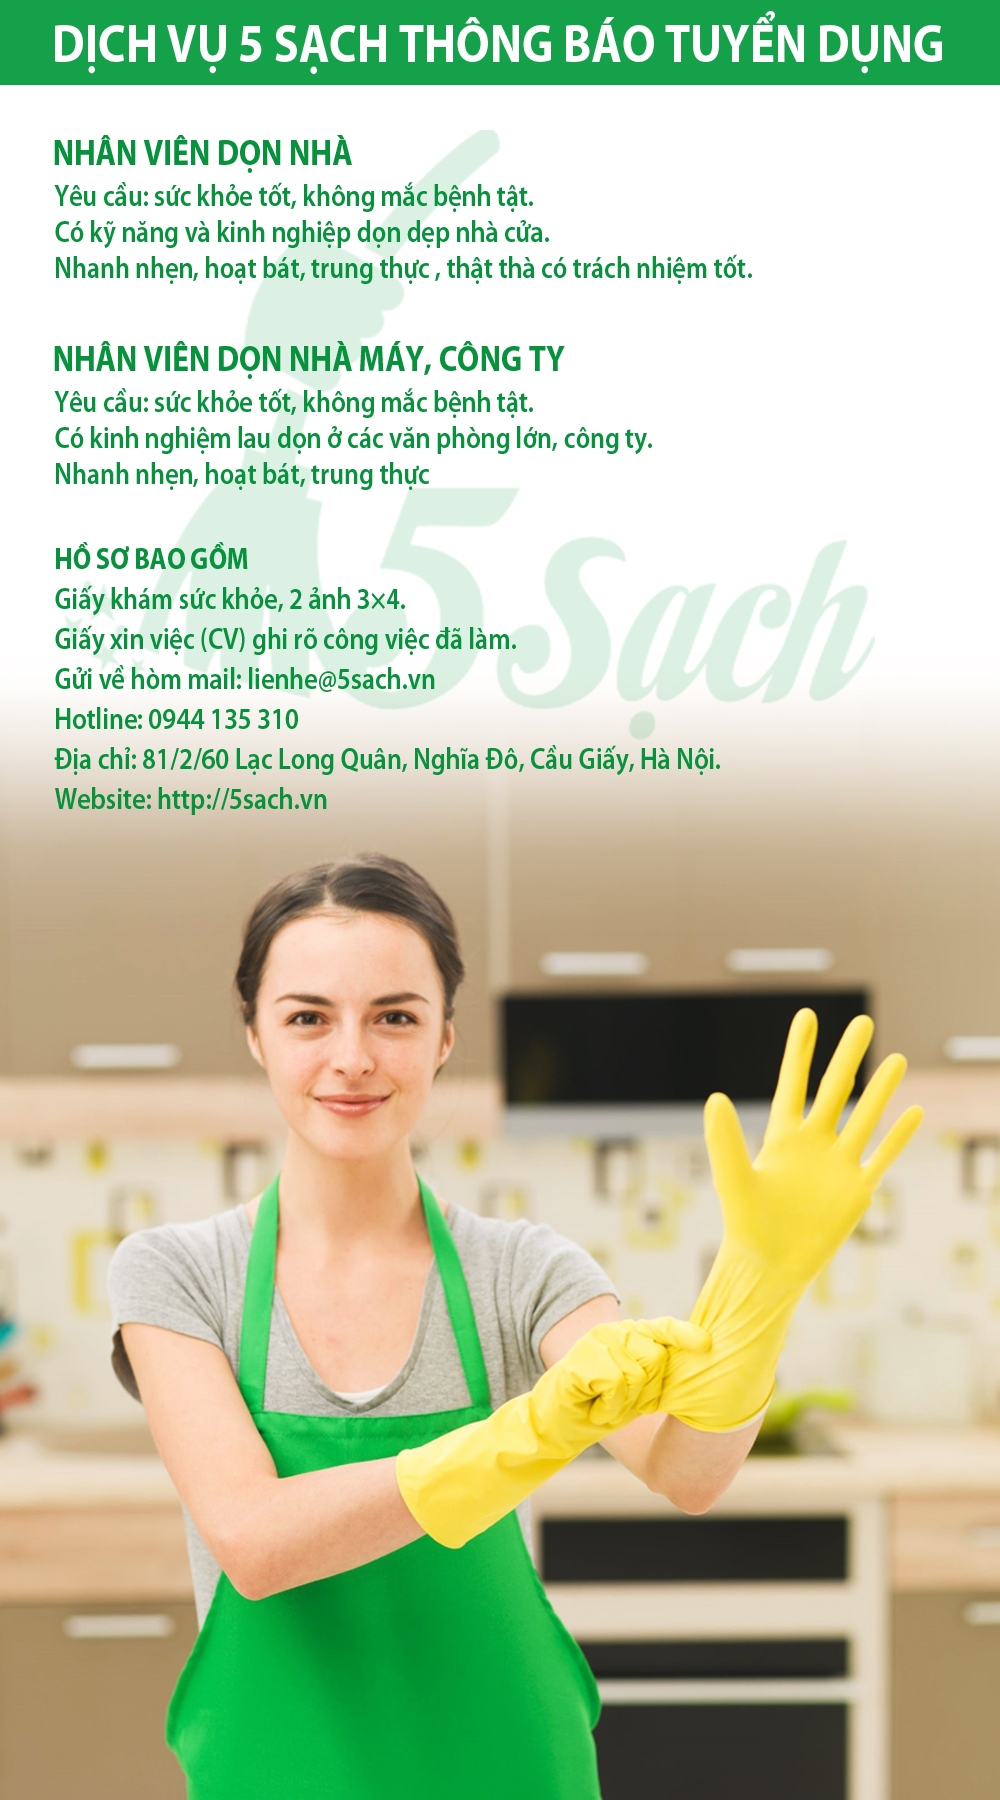 Công ty vệ sinh 5 Sạch tuyển dụng nhân viên